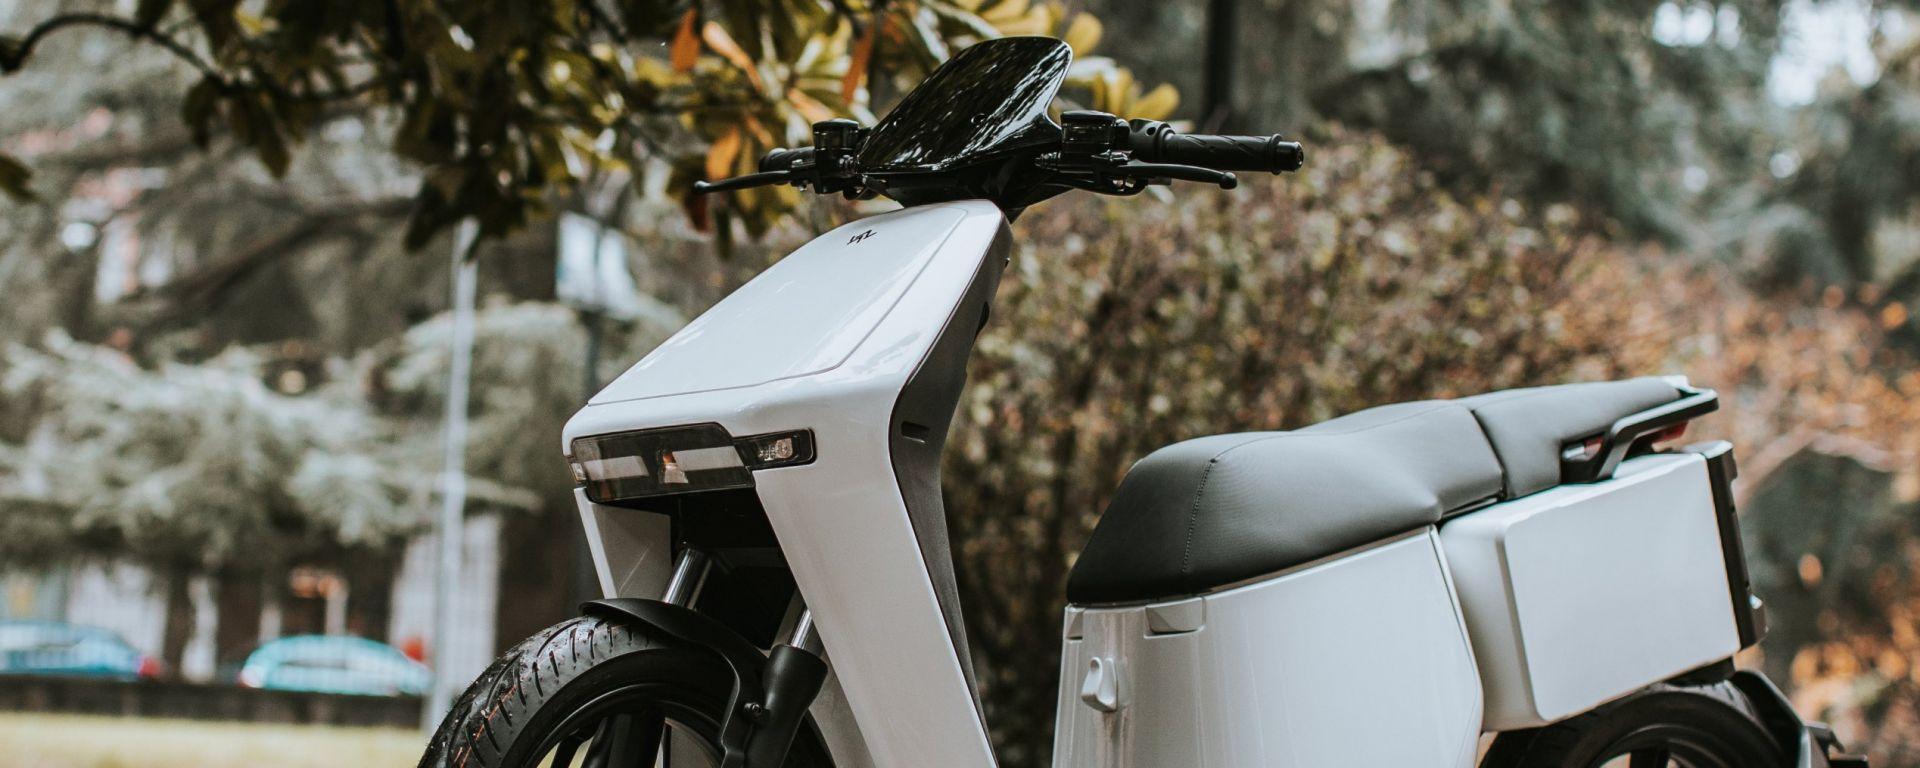 Scooter Wow!, presentati i due modelli Model 4 e Model 6